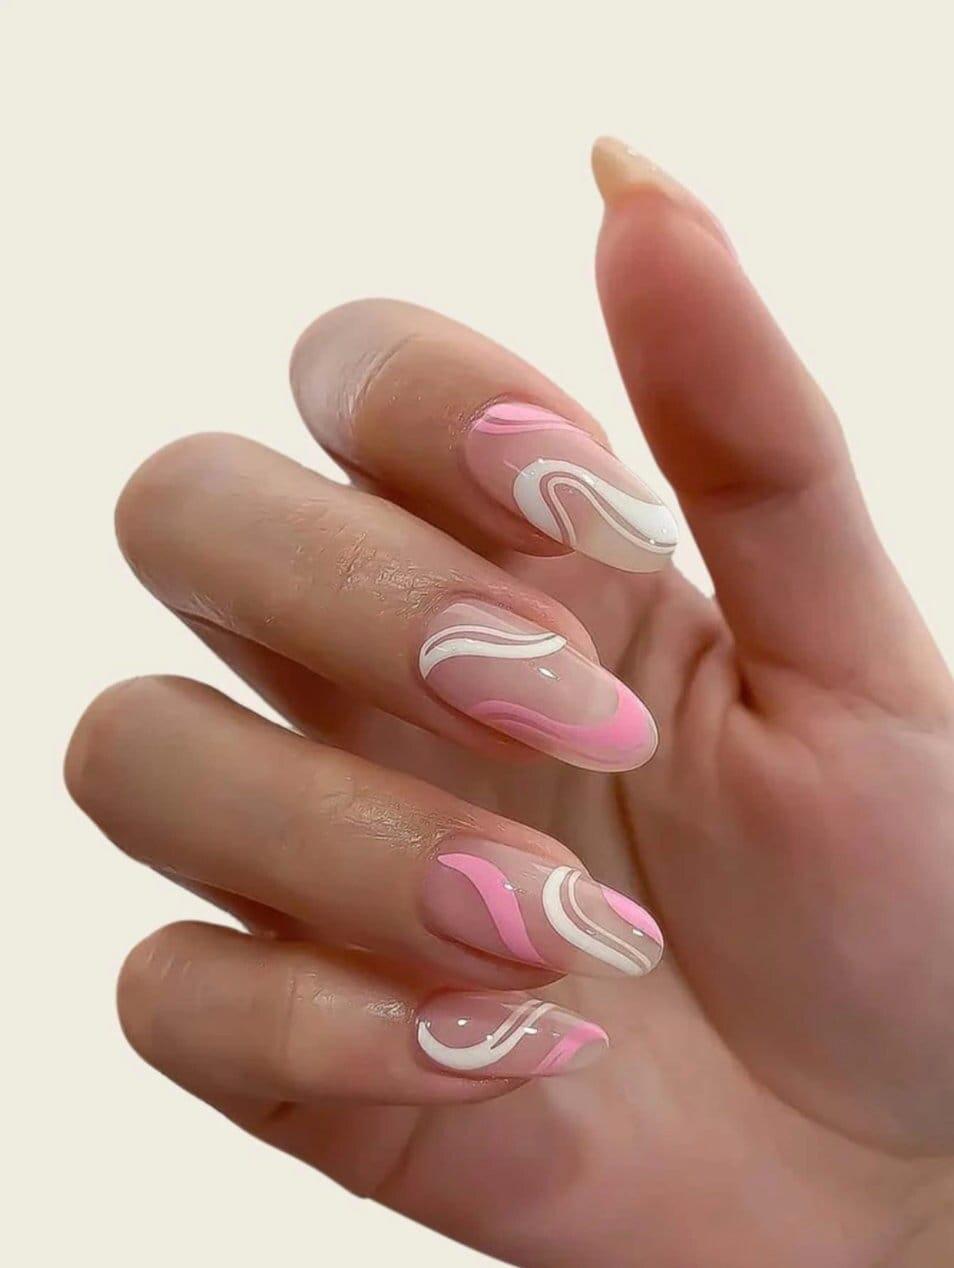 24Pcs Press On Nails Set | Almond Nails | Abstract Swirl Press On Nails | Long Luxury Fake Nails | False Nails | Nail Tips | Nude Pink White